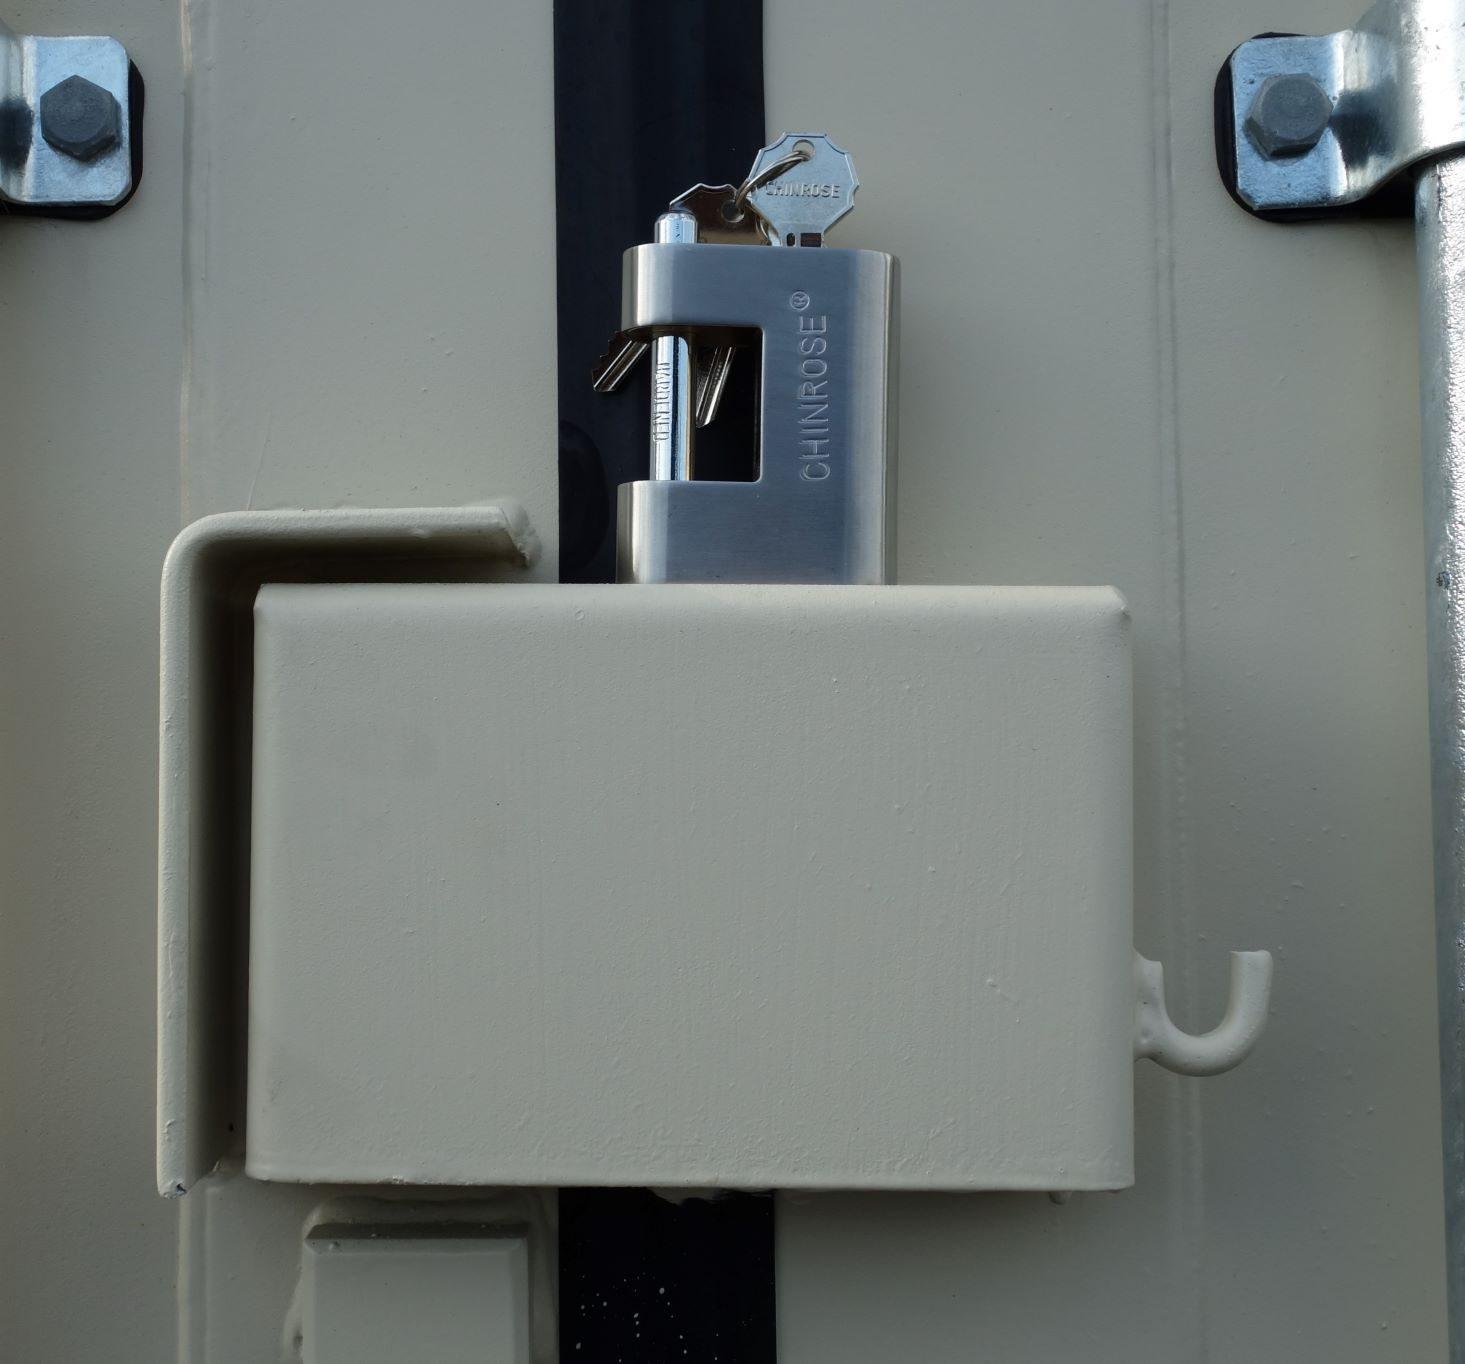 factory-block-lock-box